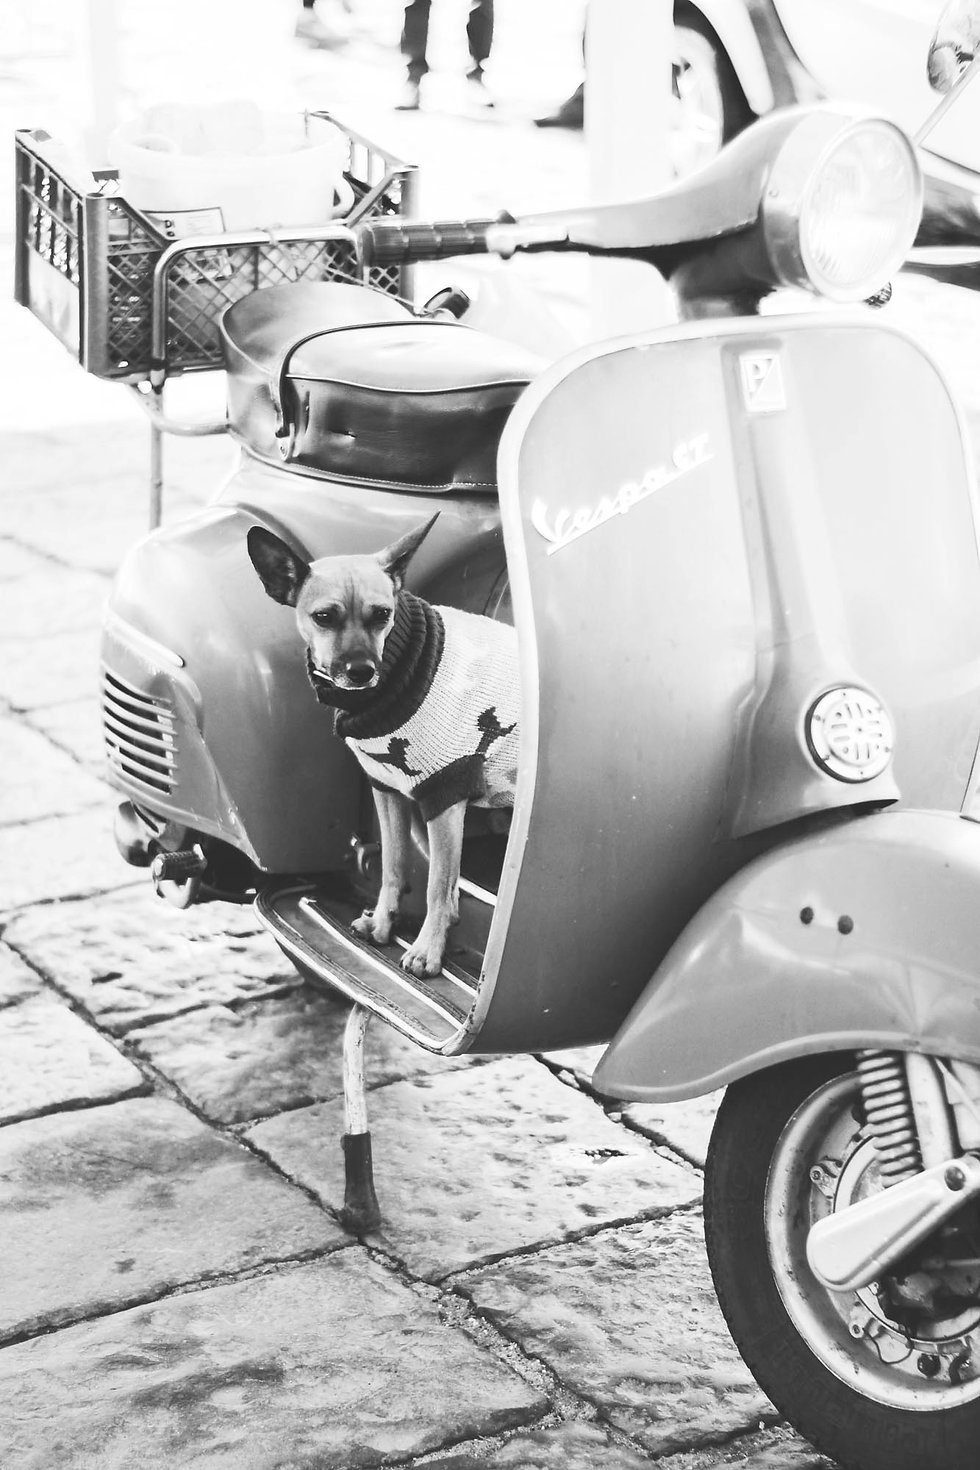 Hund auf alten Vespa auf der Strasse